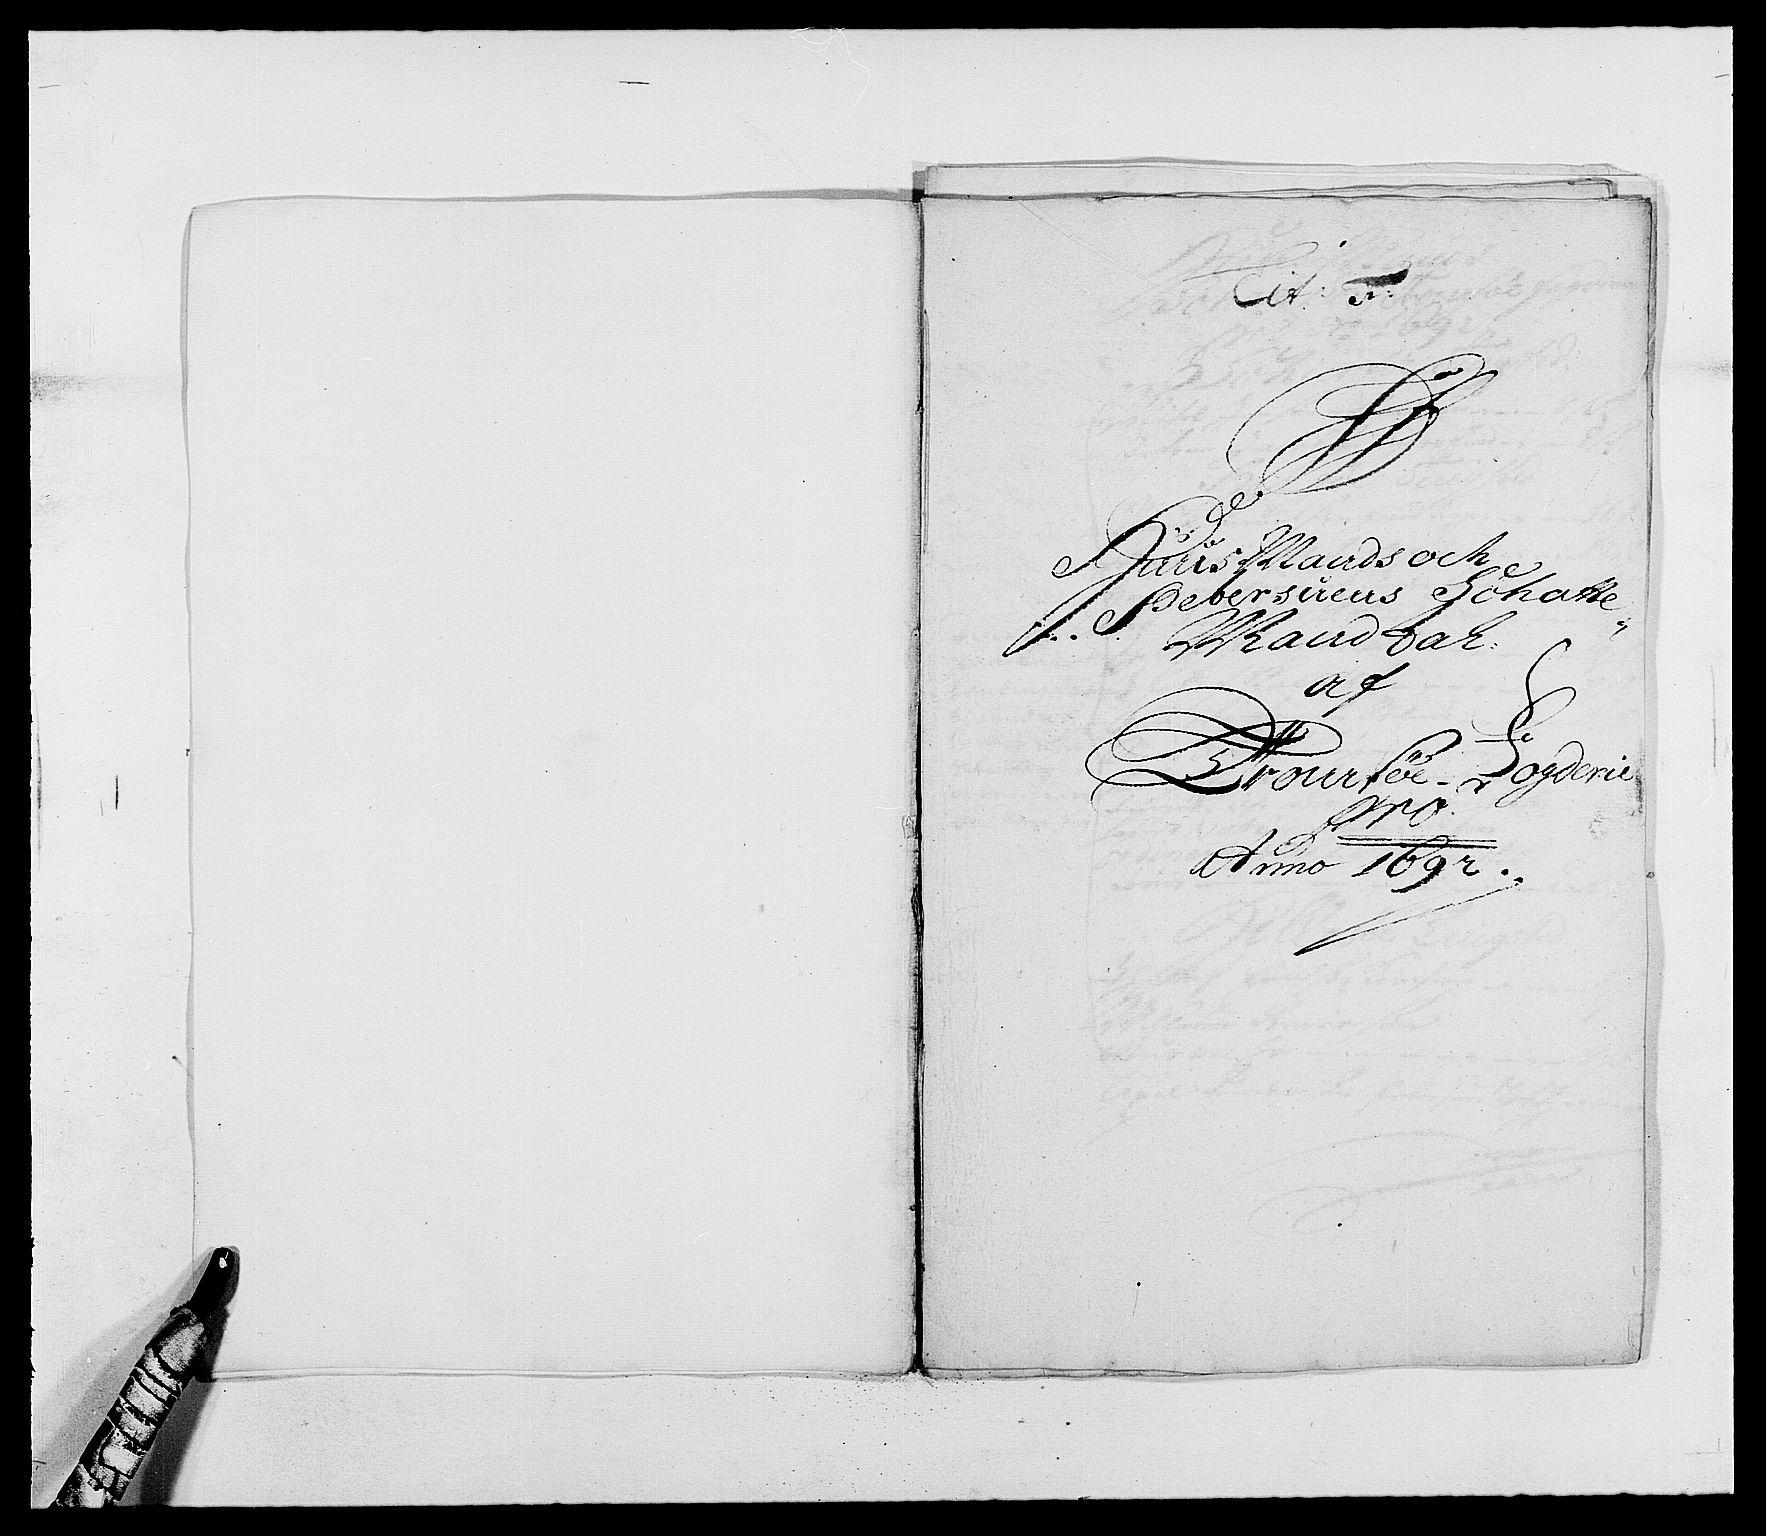 RA, Rentekammeret inntil 1814, Reviderte regnskaper, Fogderegnskap, R68/L4751: Fogderegnskap Senja og Troms, 1690-1693, s. 185